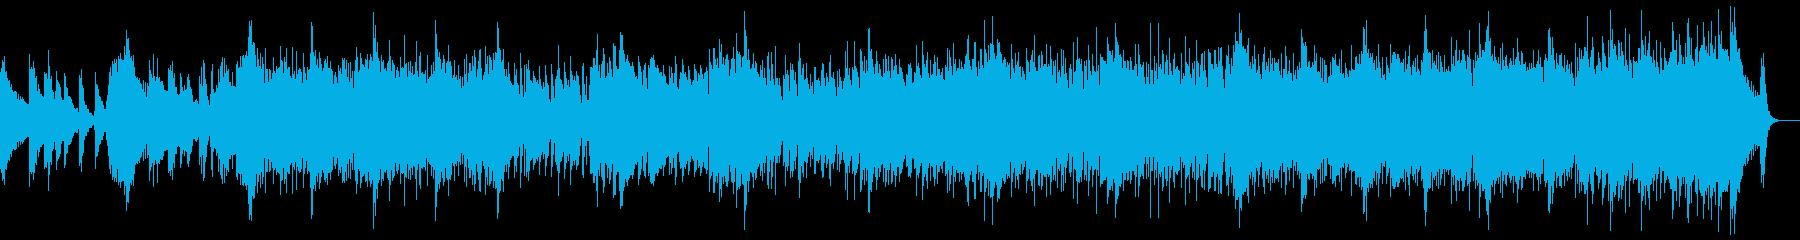 和風・和楽器・忍者ヒーロー:和楽器のみの再生済みの波形